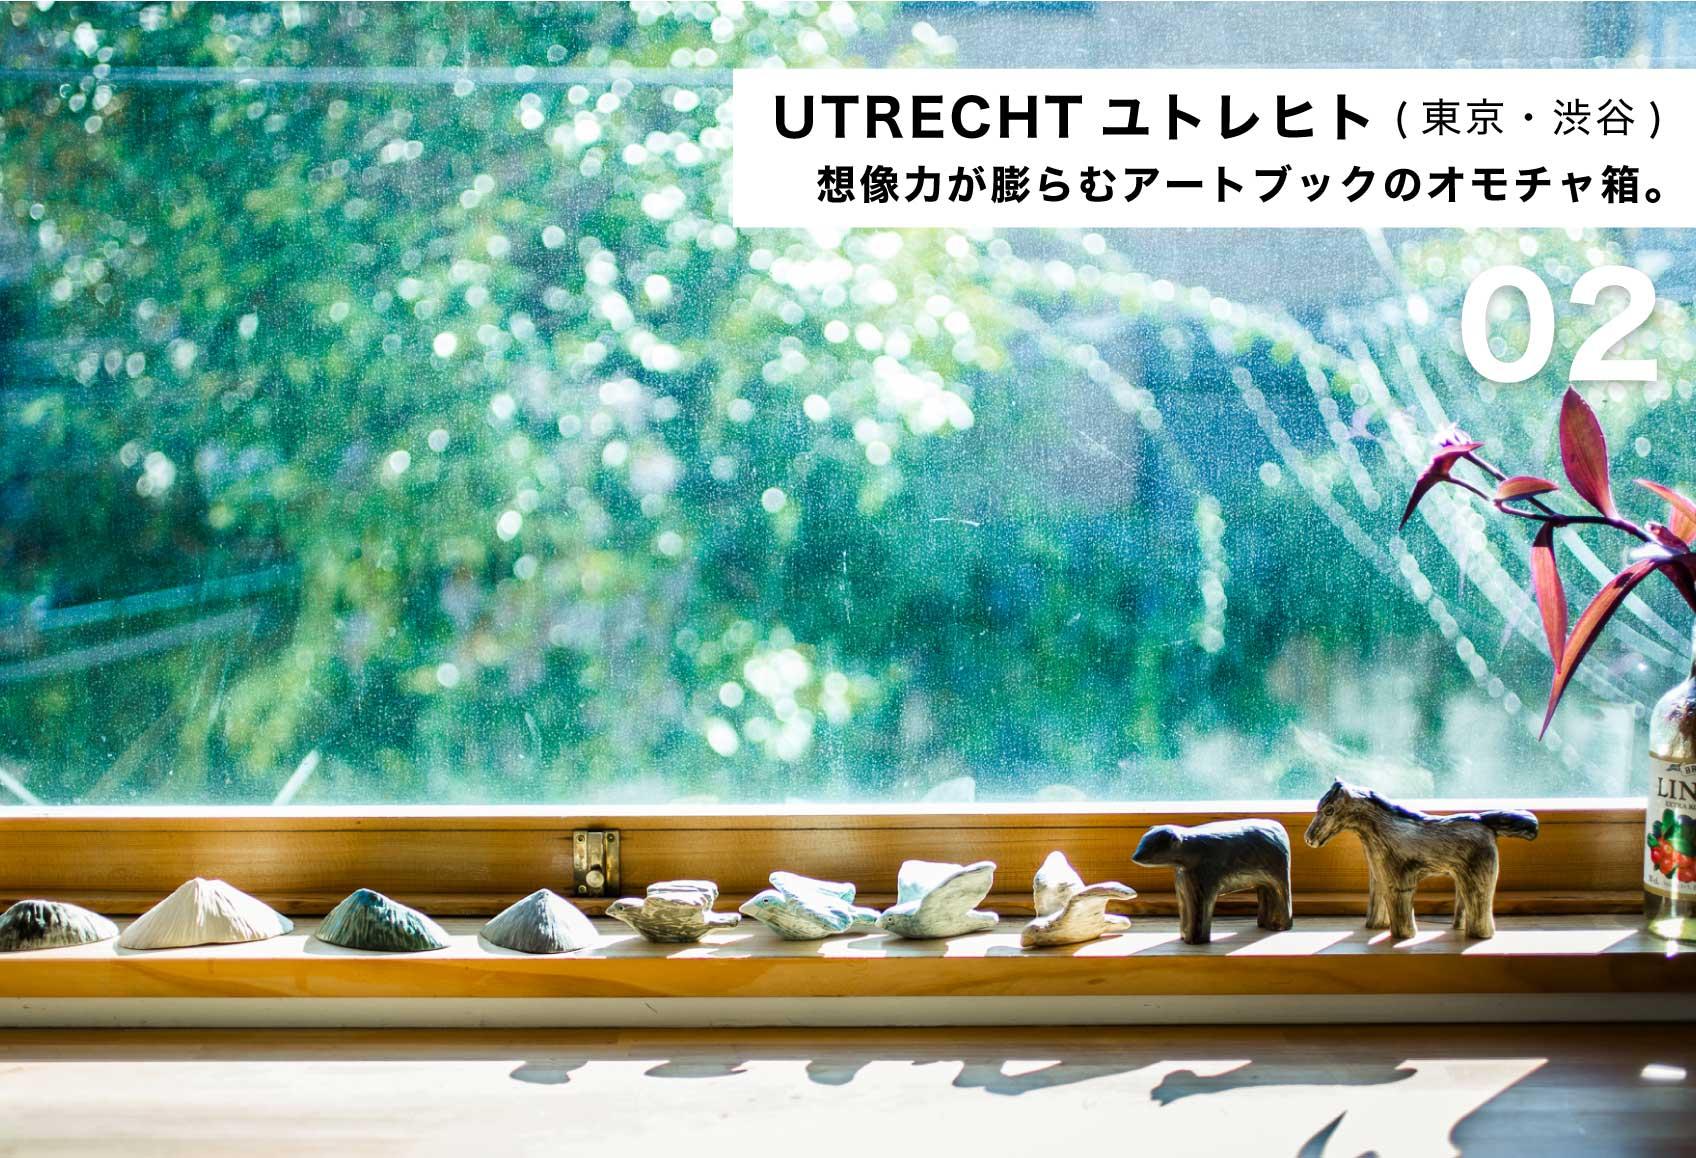 想像力が膨らむアートブックのオモチャ箱。『UTRECHT(渋谷・東京)』